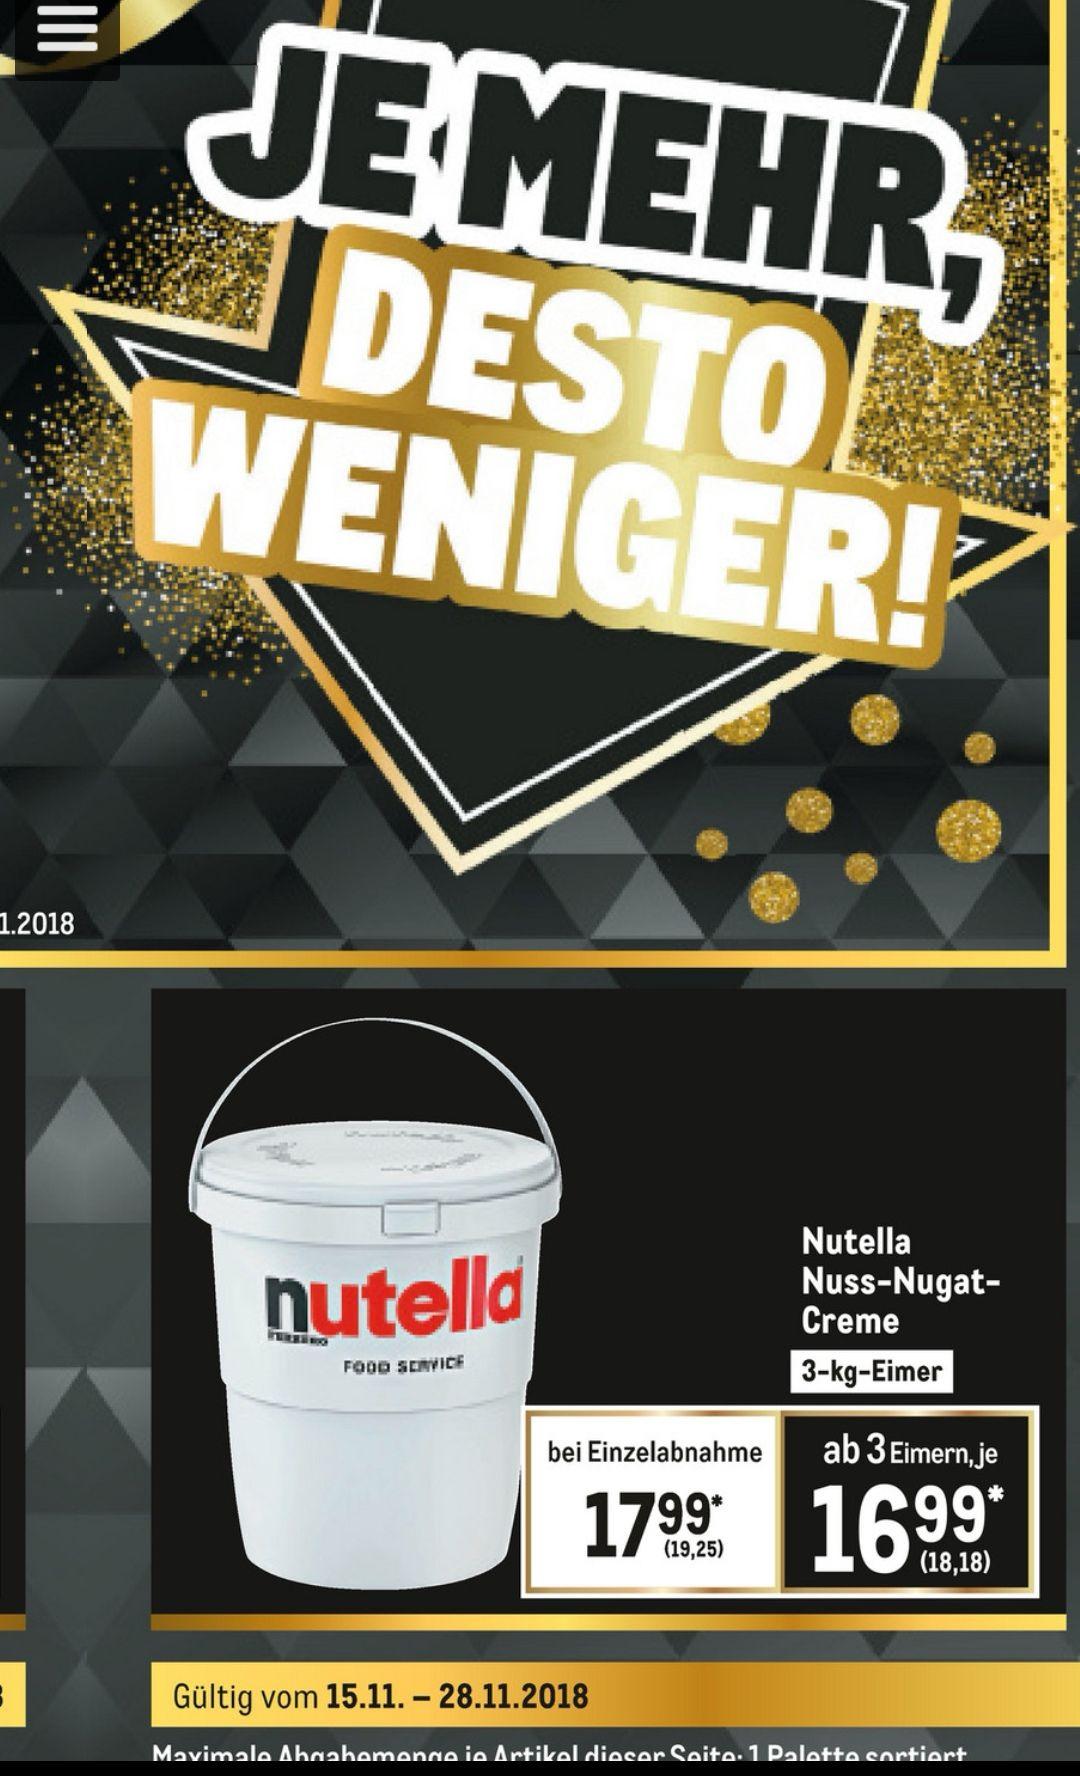 [Metro] Nutella für Junkies 3kg Eimer